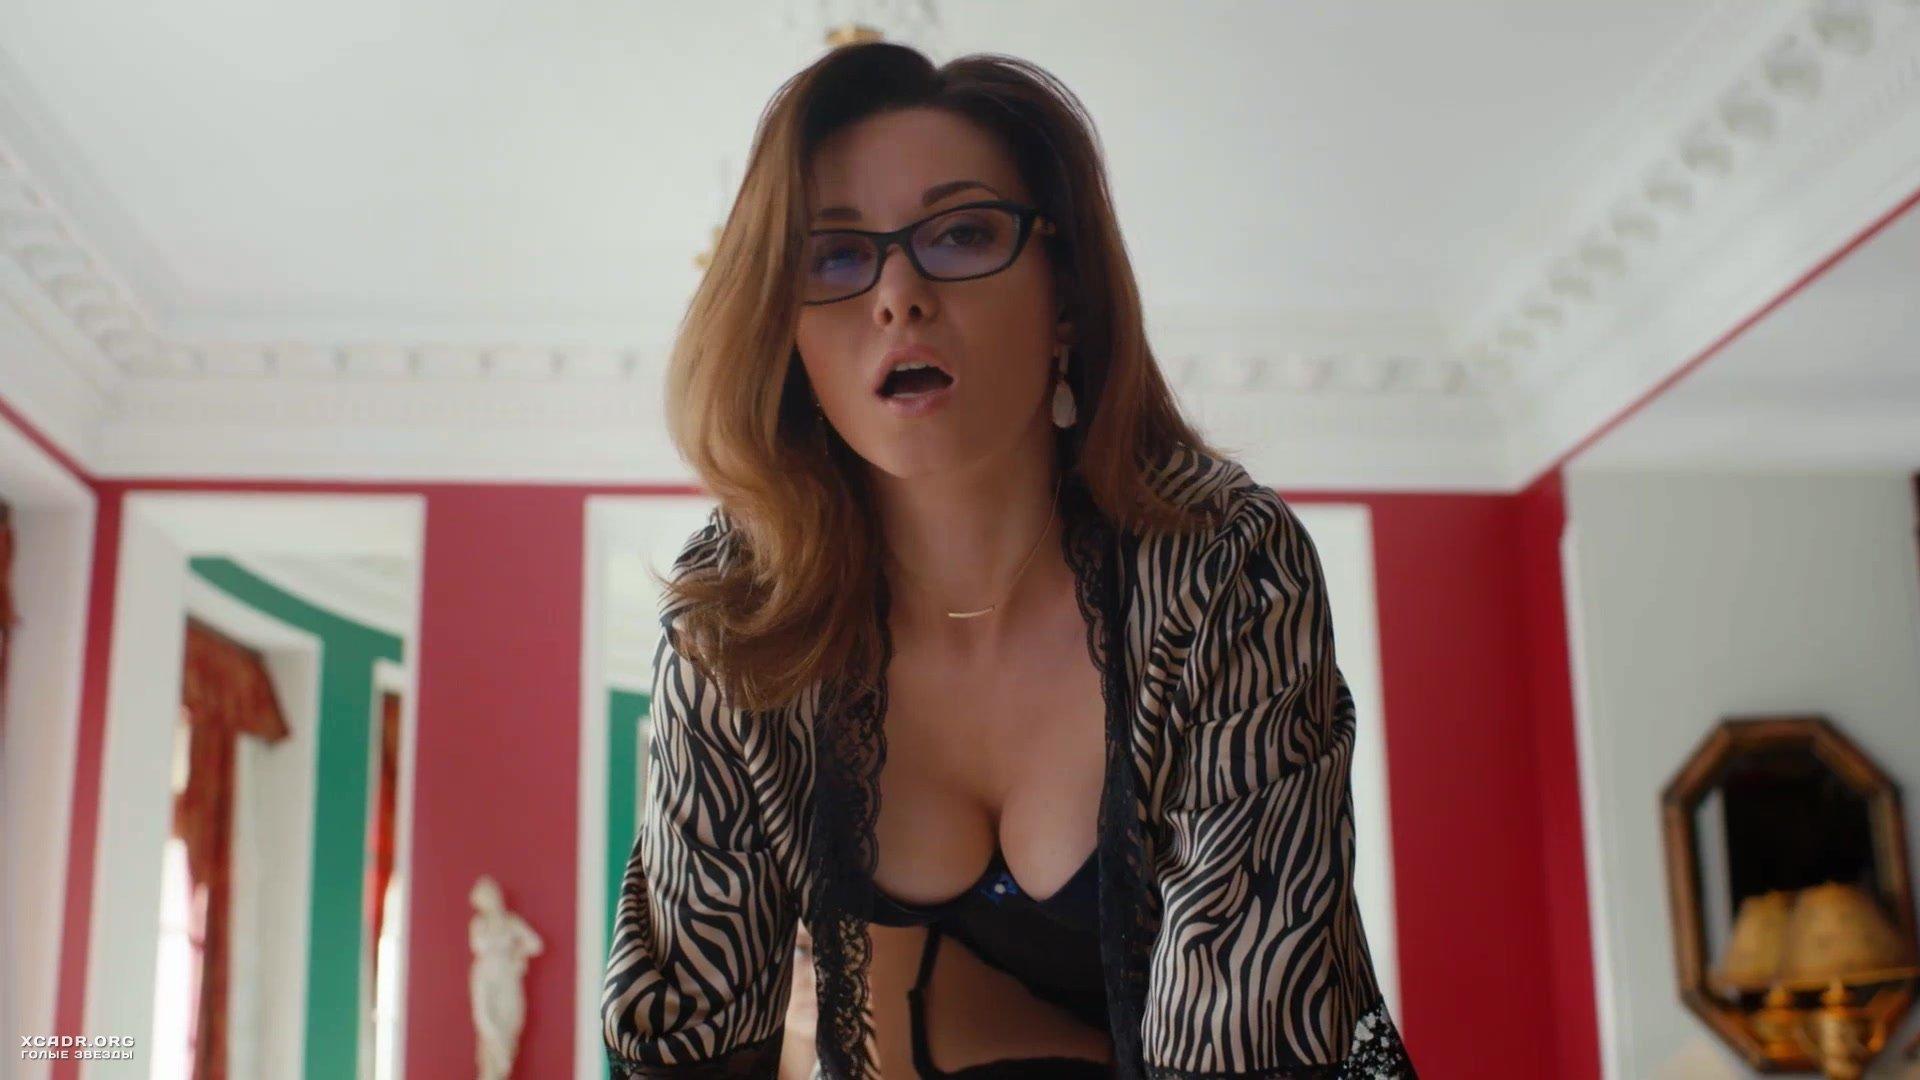 Зрелые женщины » Playxxx.biz - Видео для взрослых онлайн бесплатно, порно онлайн, секс онлайн